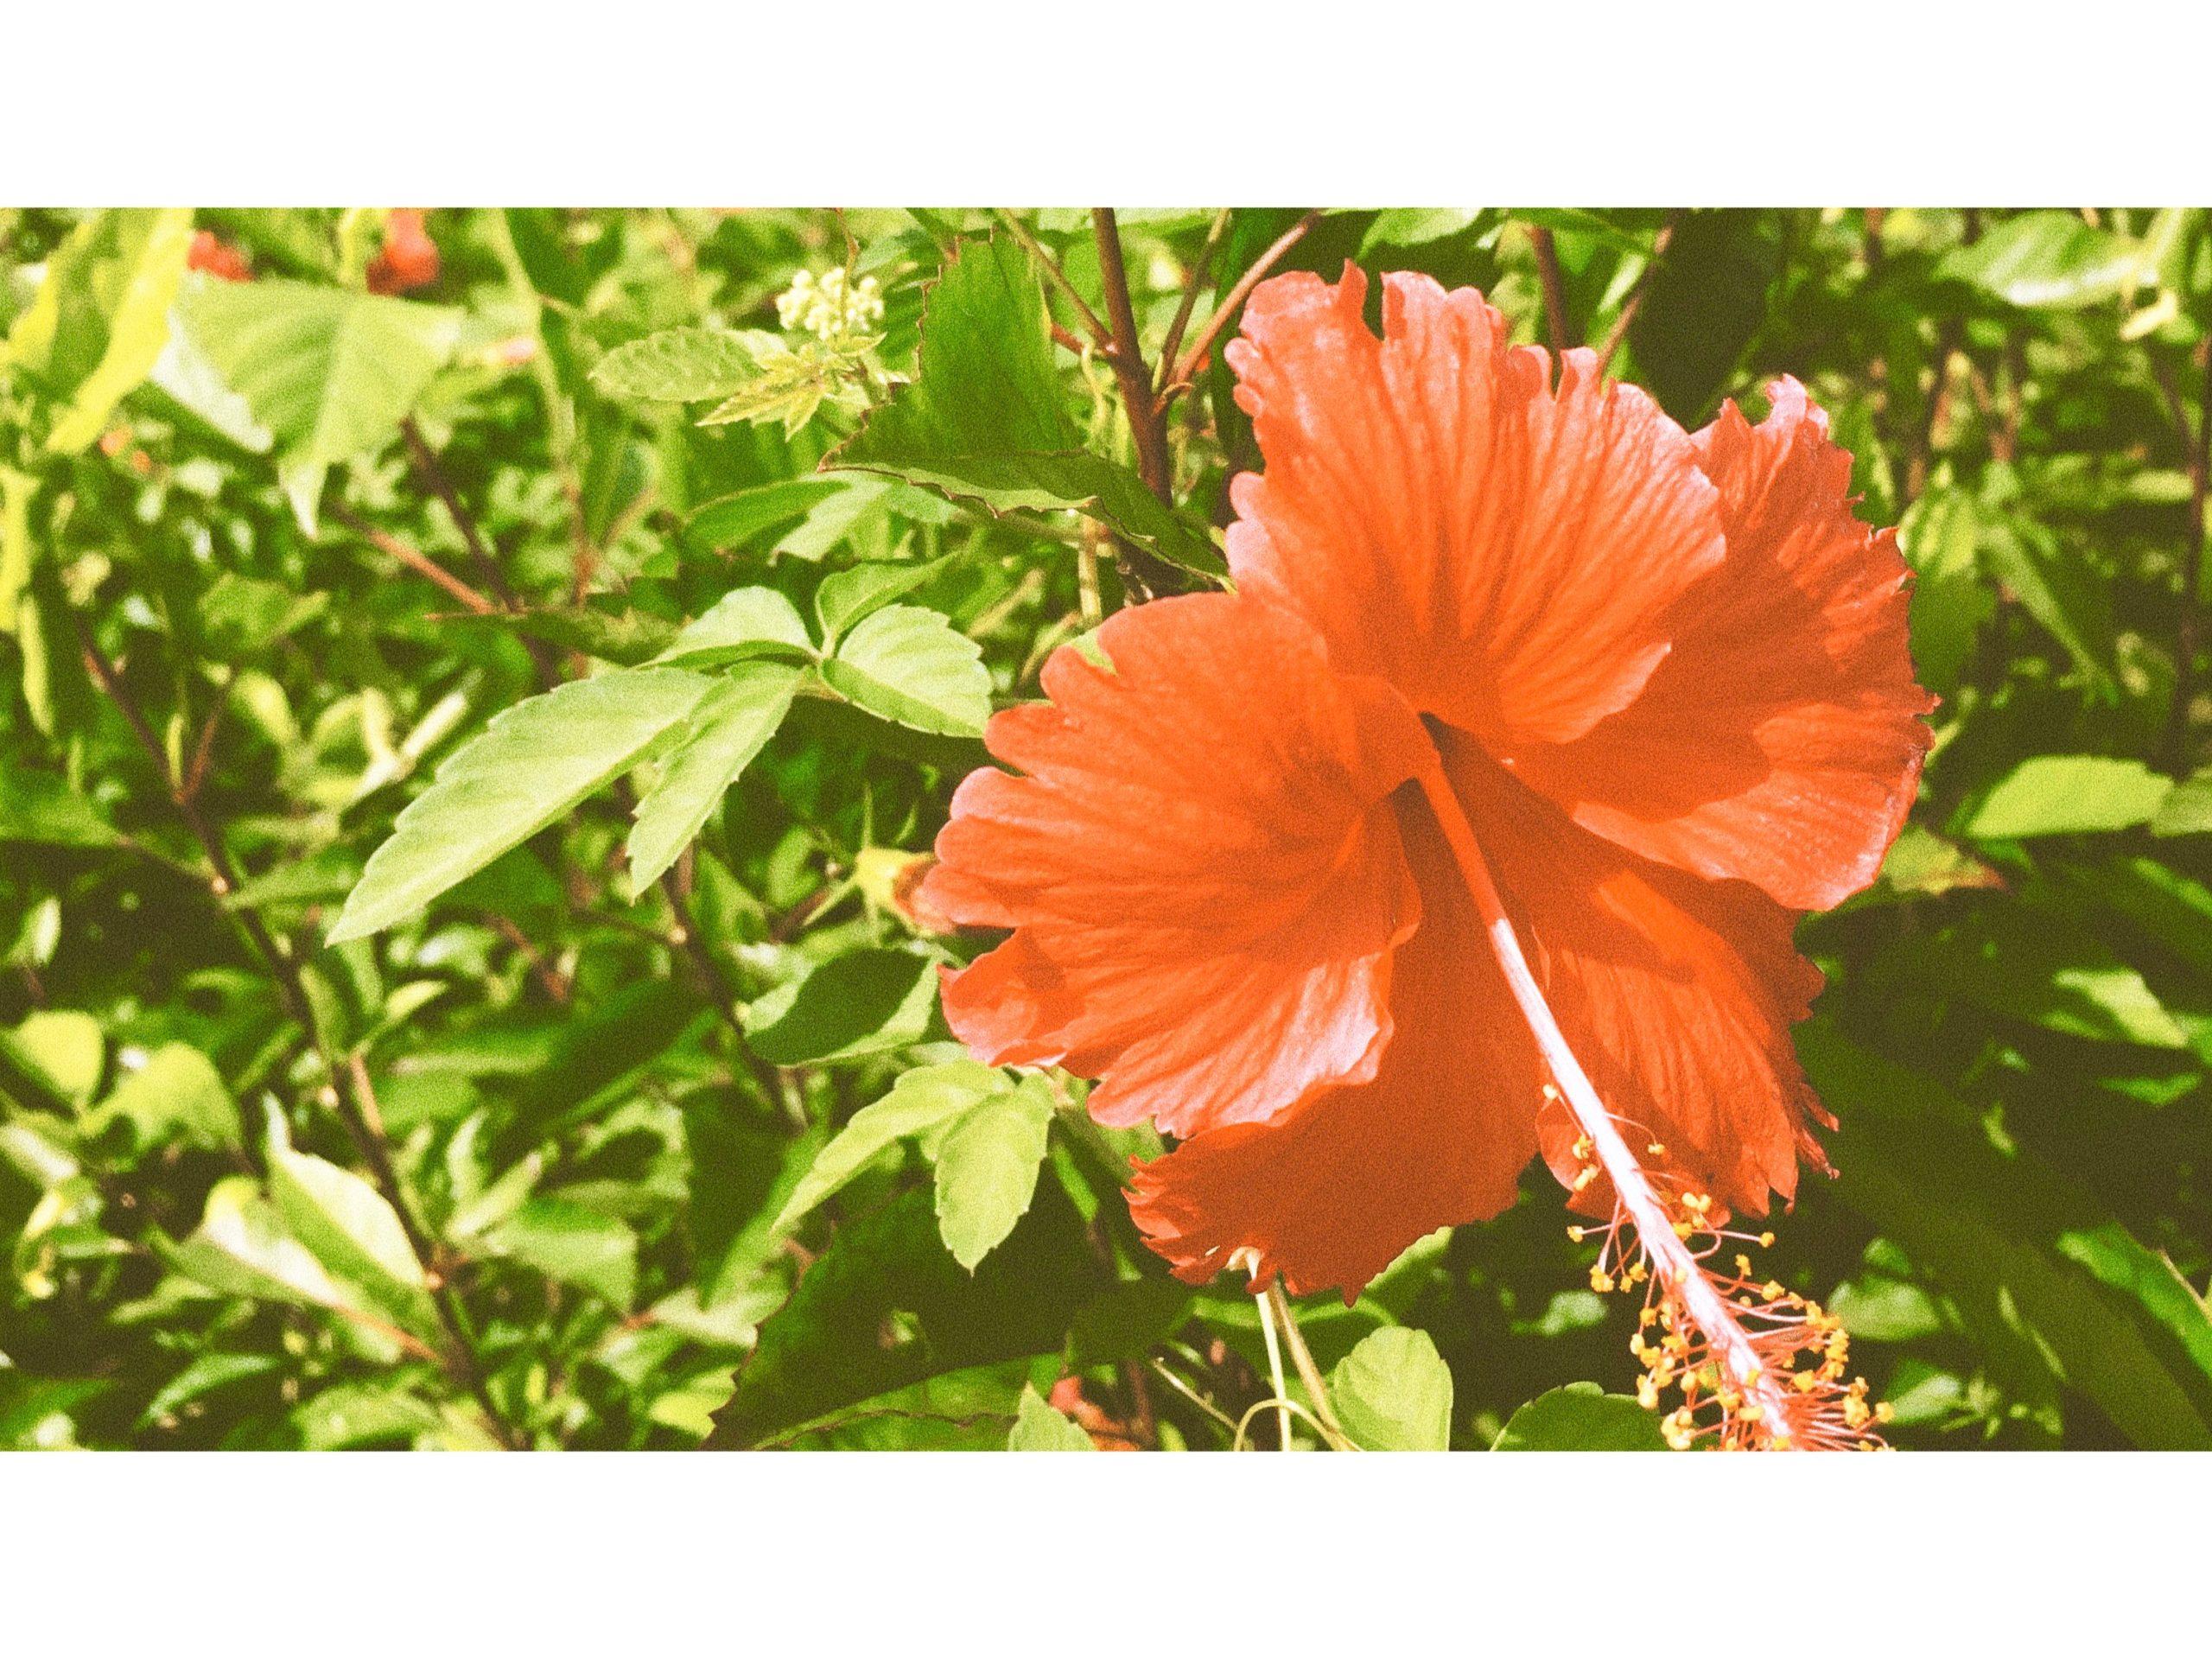 【沖縄ホテル おすすめ】女子旅・男旅・卒業旅行・若い世代向け 5選